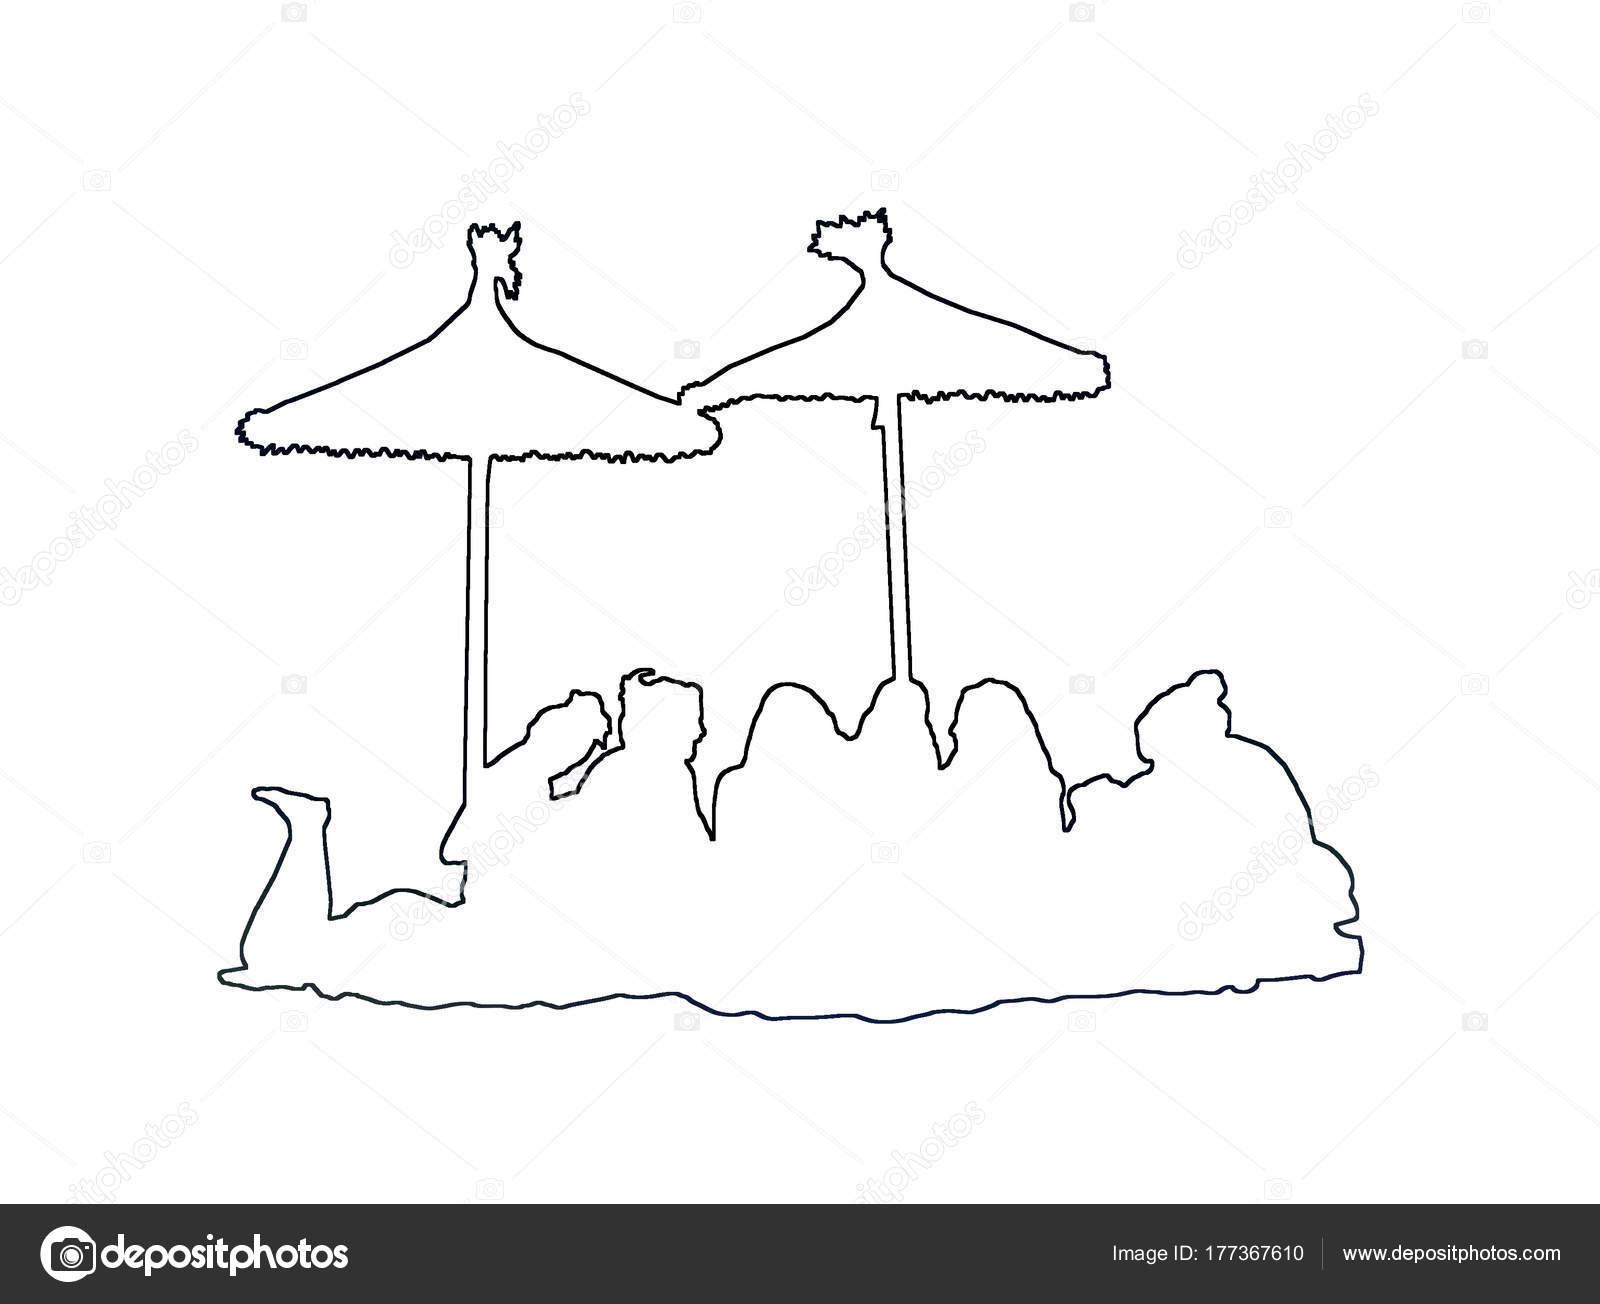 Siluetas Grupo Bajo Sombrillas Contorno Playa Negra Ilustración ...